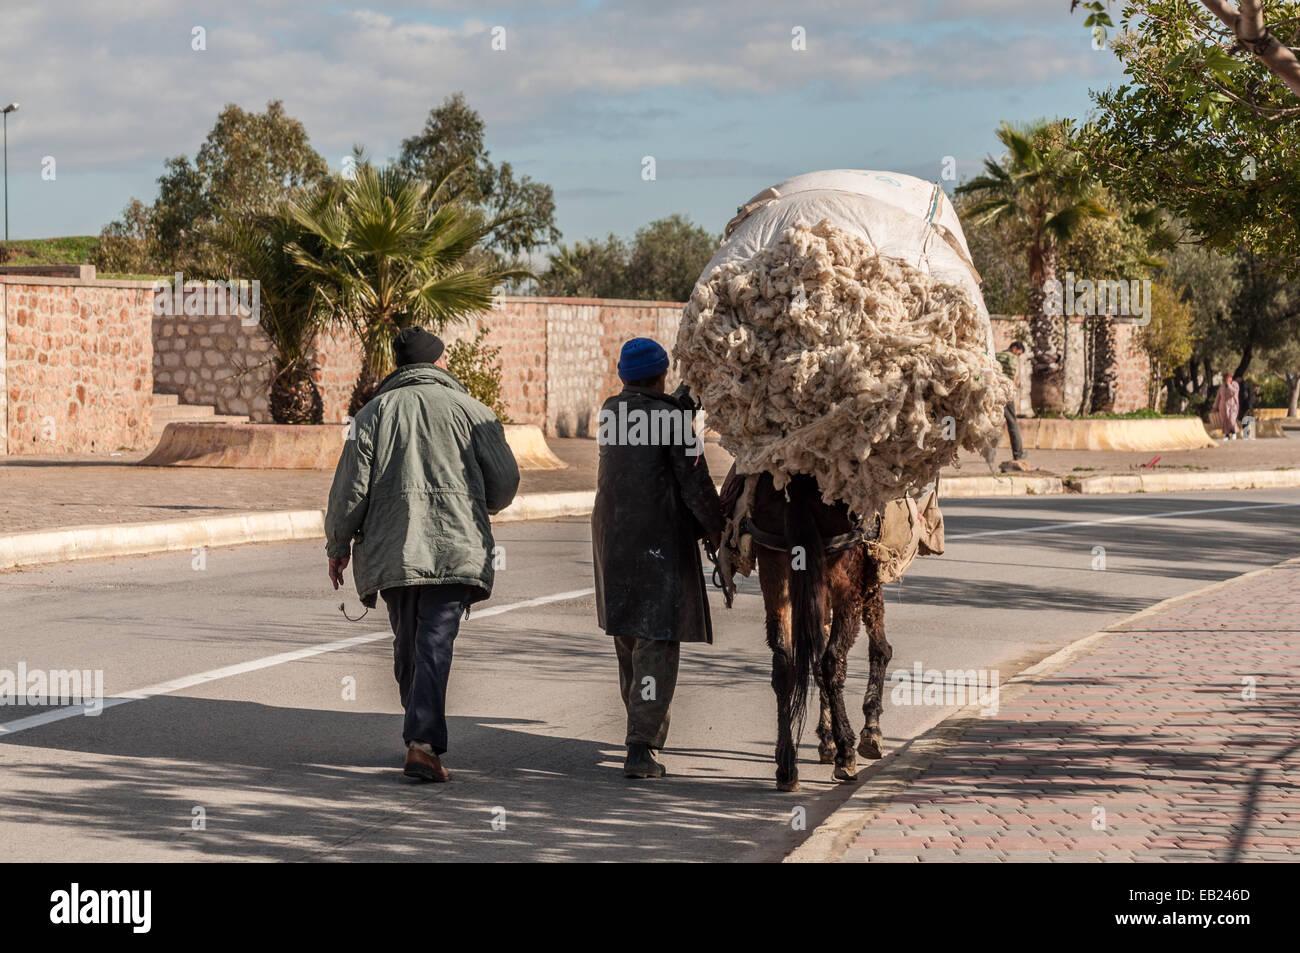 Asino - un tipico dei mezzi di trasporto in Marocco Immagini Stock